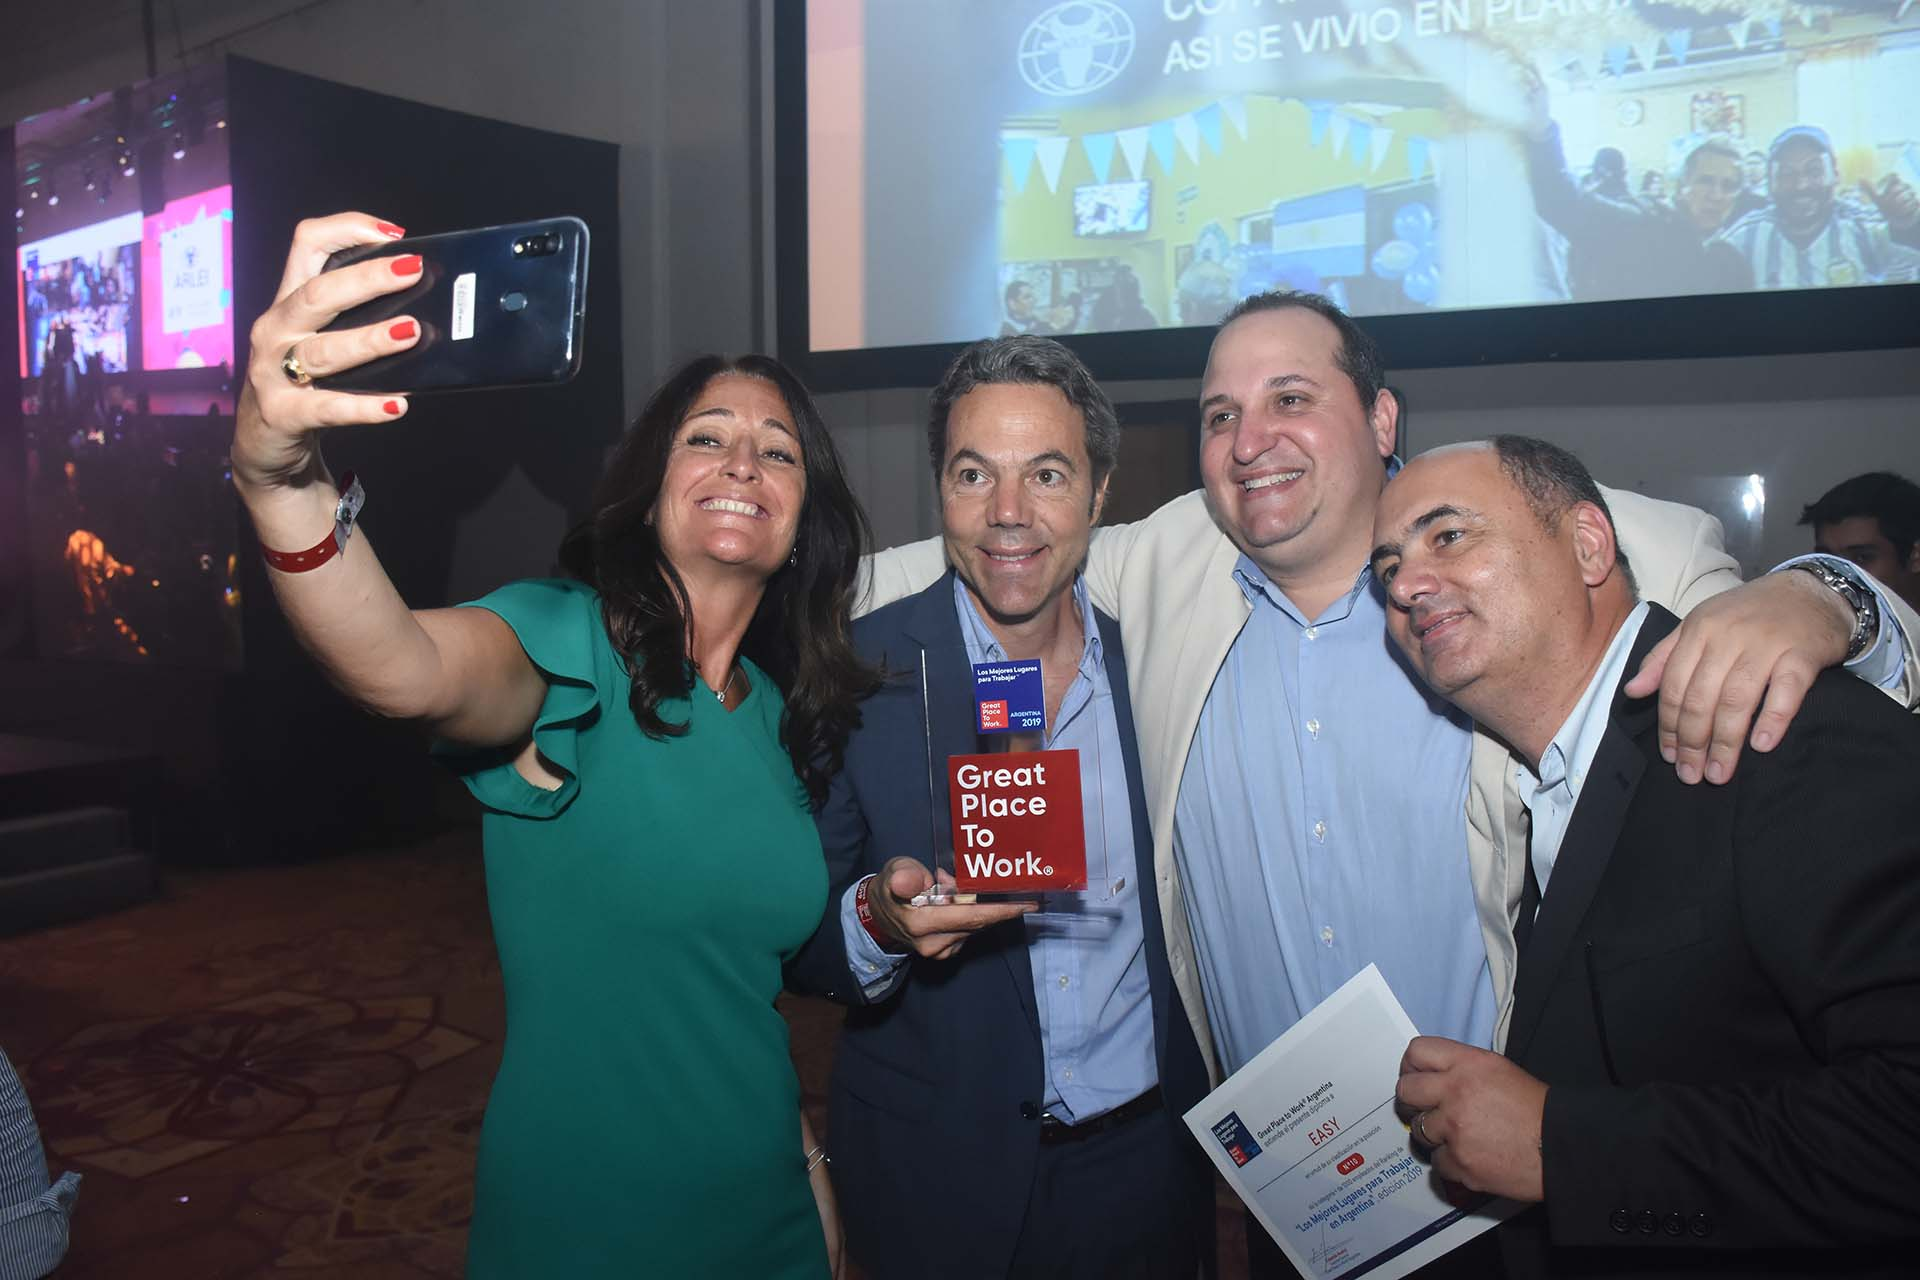 El equipo de Easy celebró con una selfie la premiación